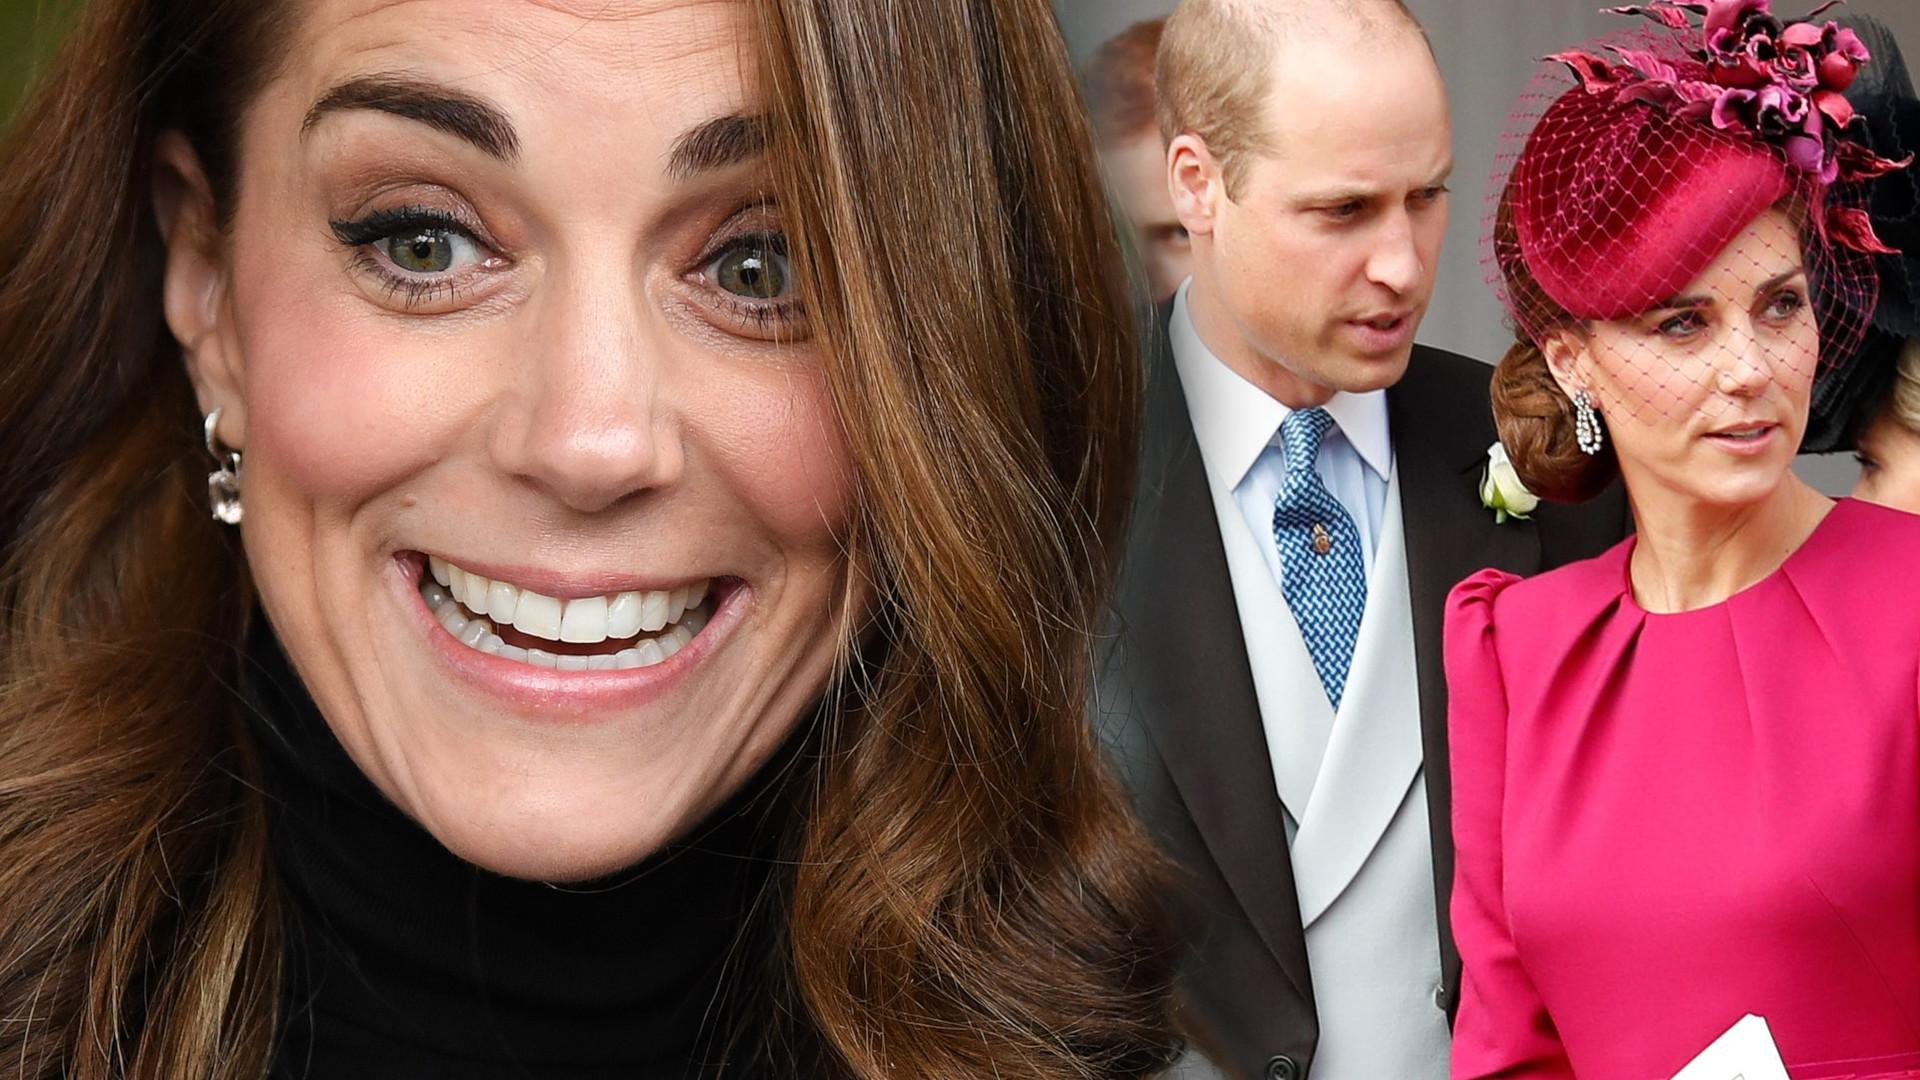 Księżna Kate wymierzyła KARĘ księciu Williamowi – zobaczcie, co wymyśliła